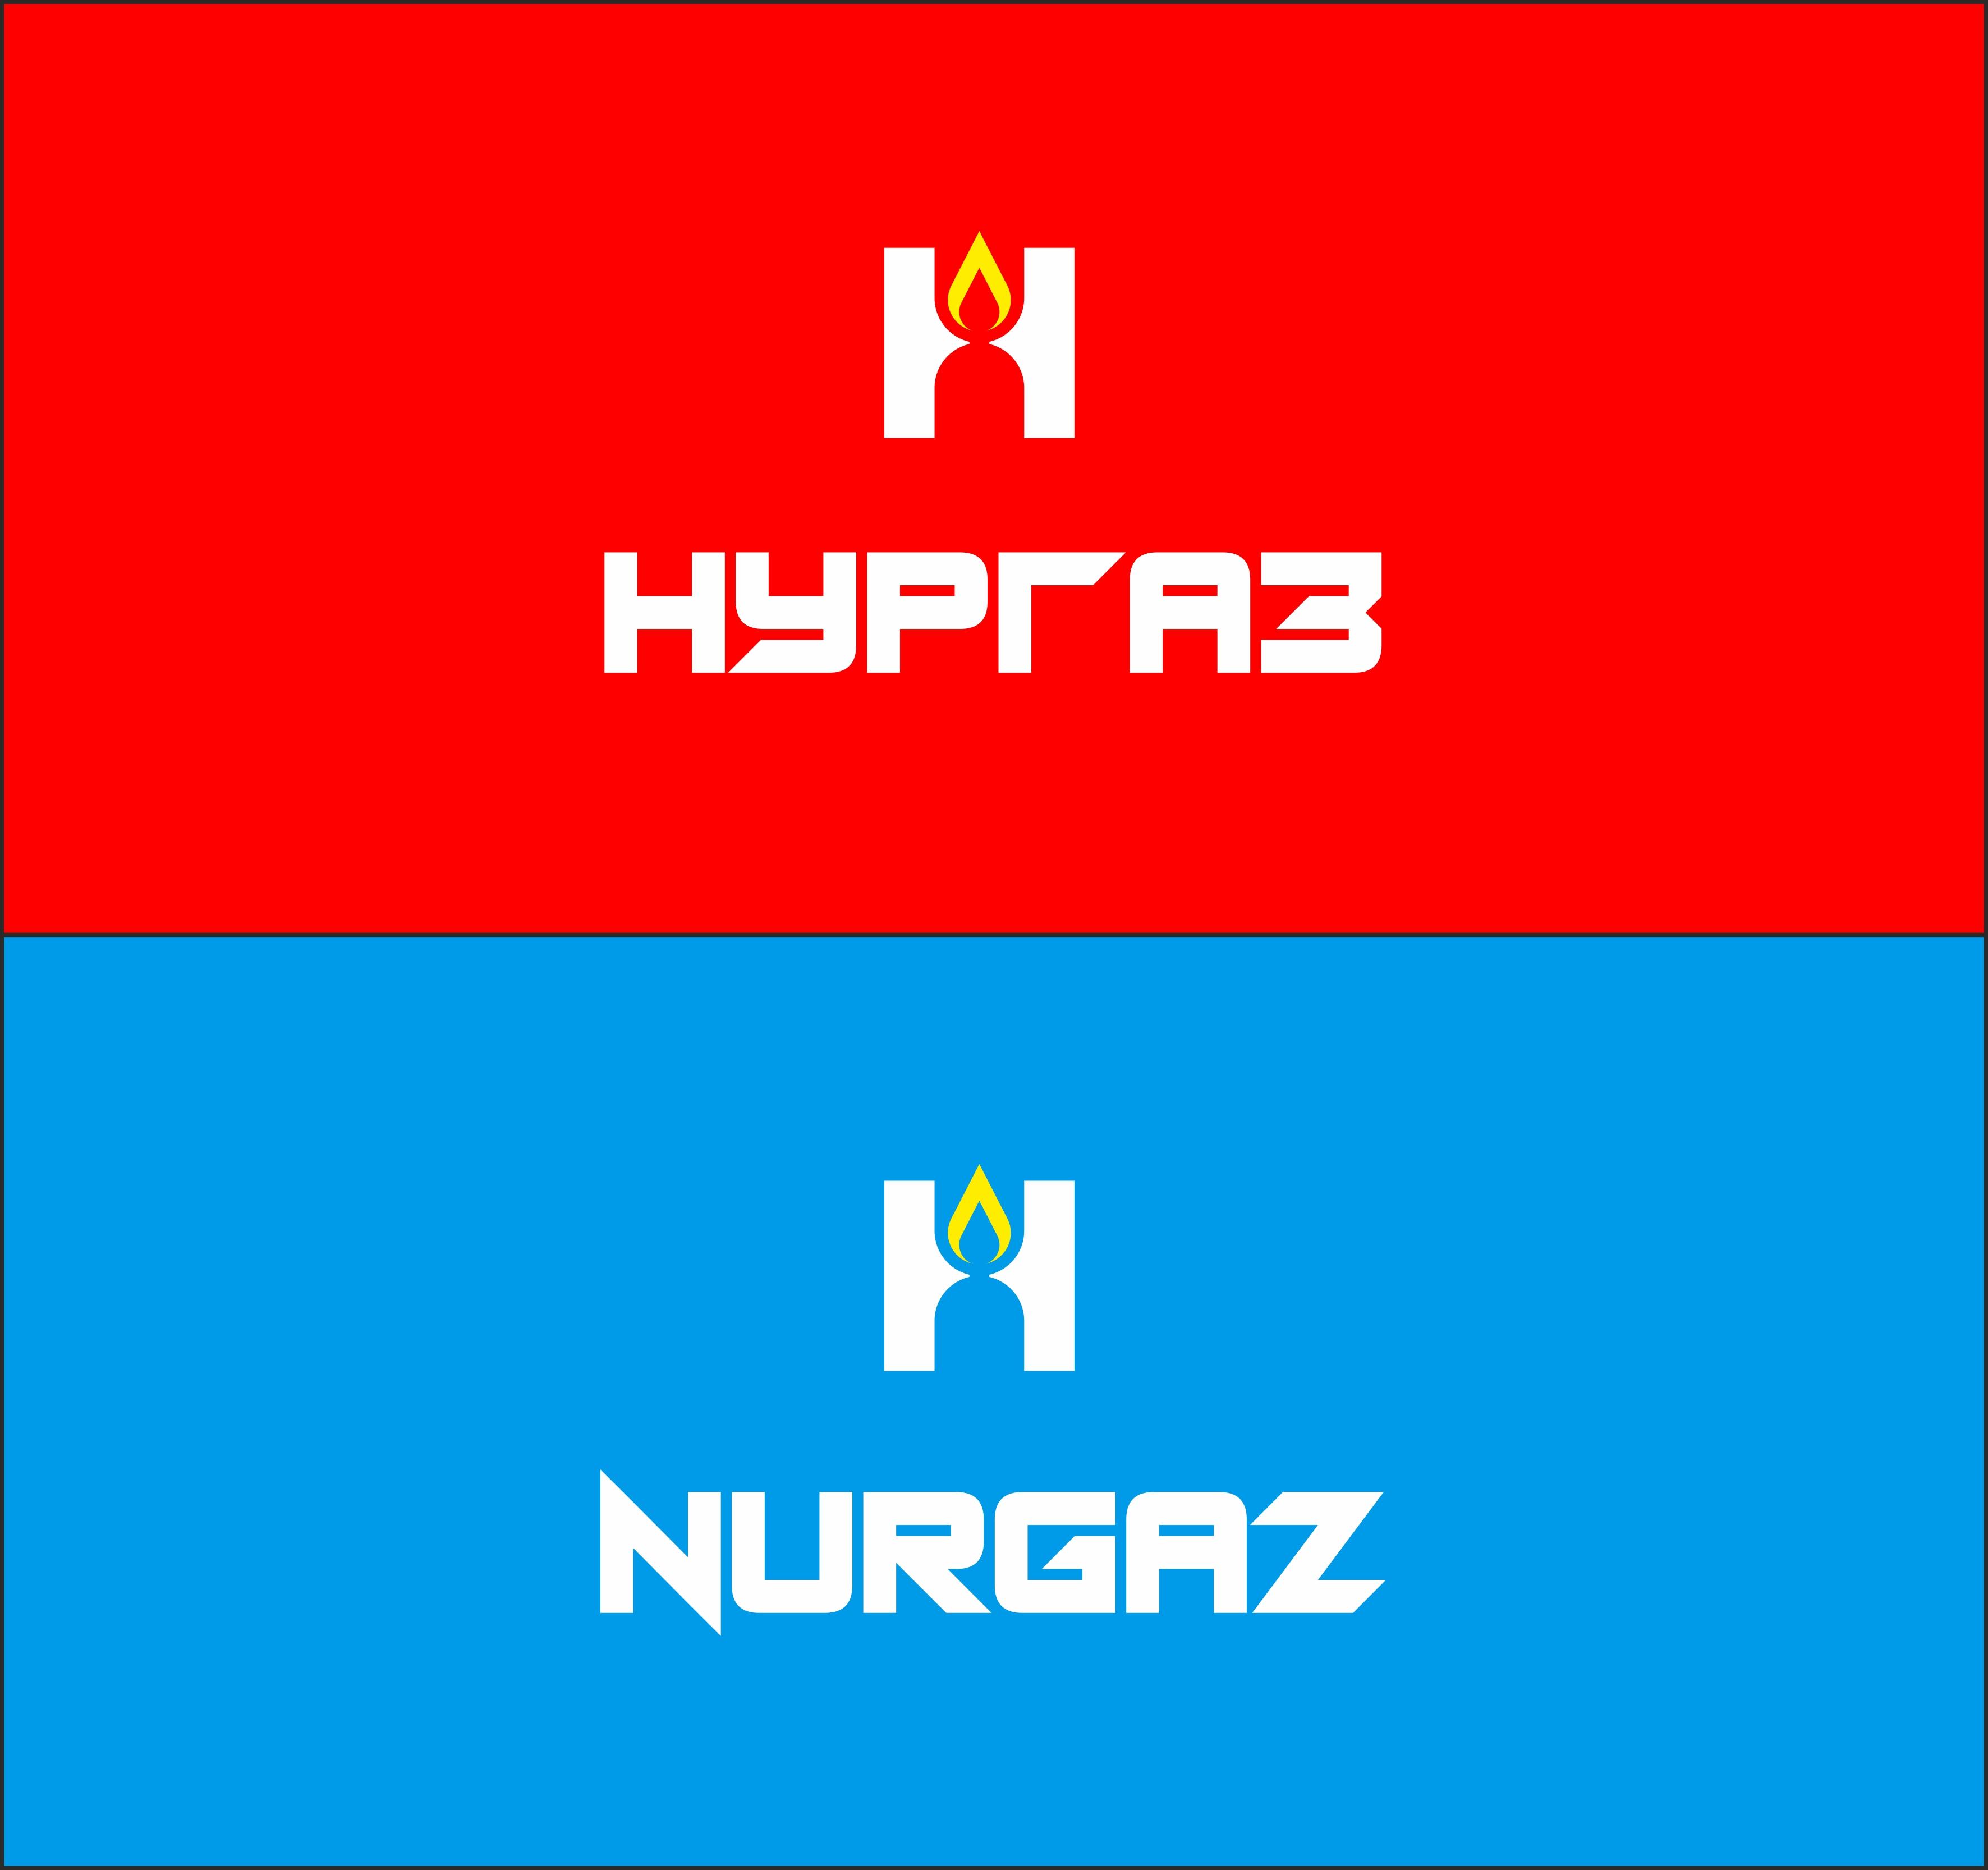 Разработка логотипа и фирменного стиля фото f_6935d9b3467528bf.jpg